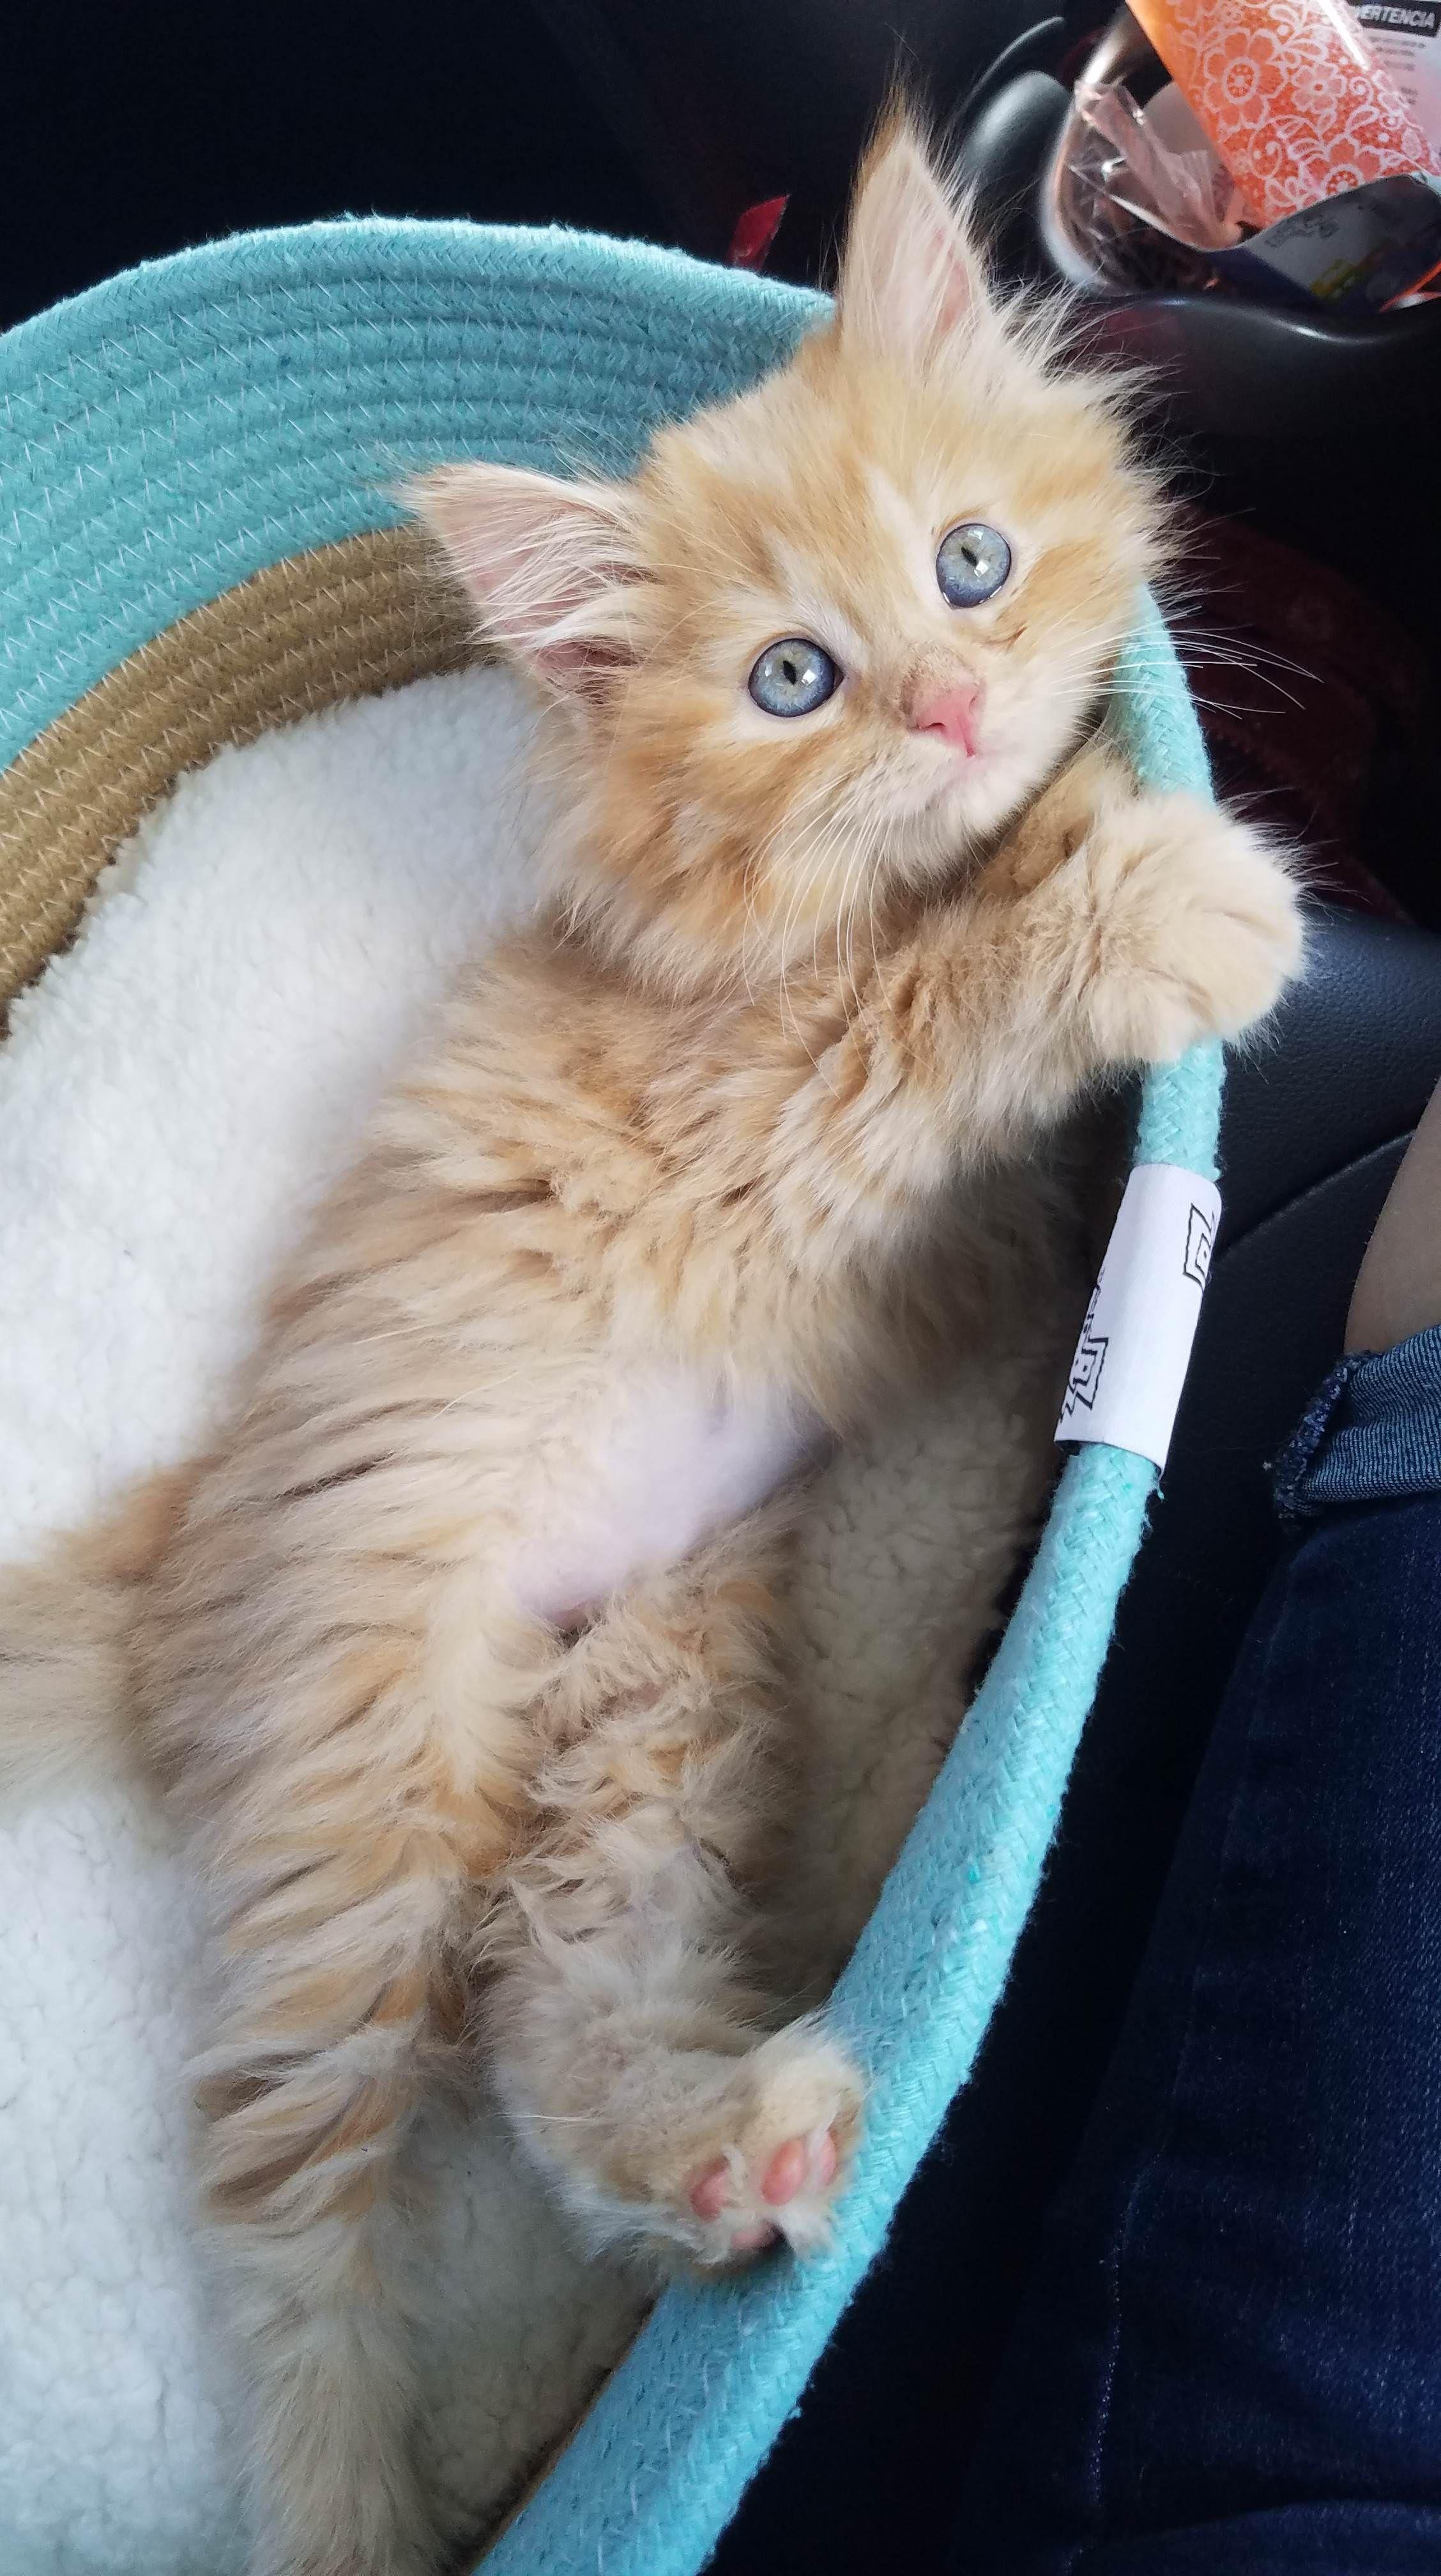 My New Baby Tigger Https Ift Tt 2yymeim Kittens Cutest Cats Cute Cats